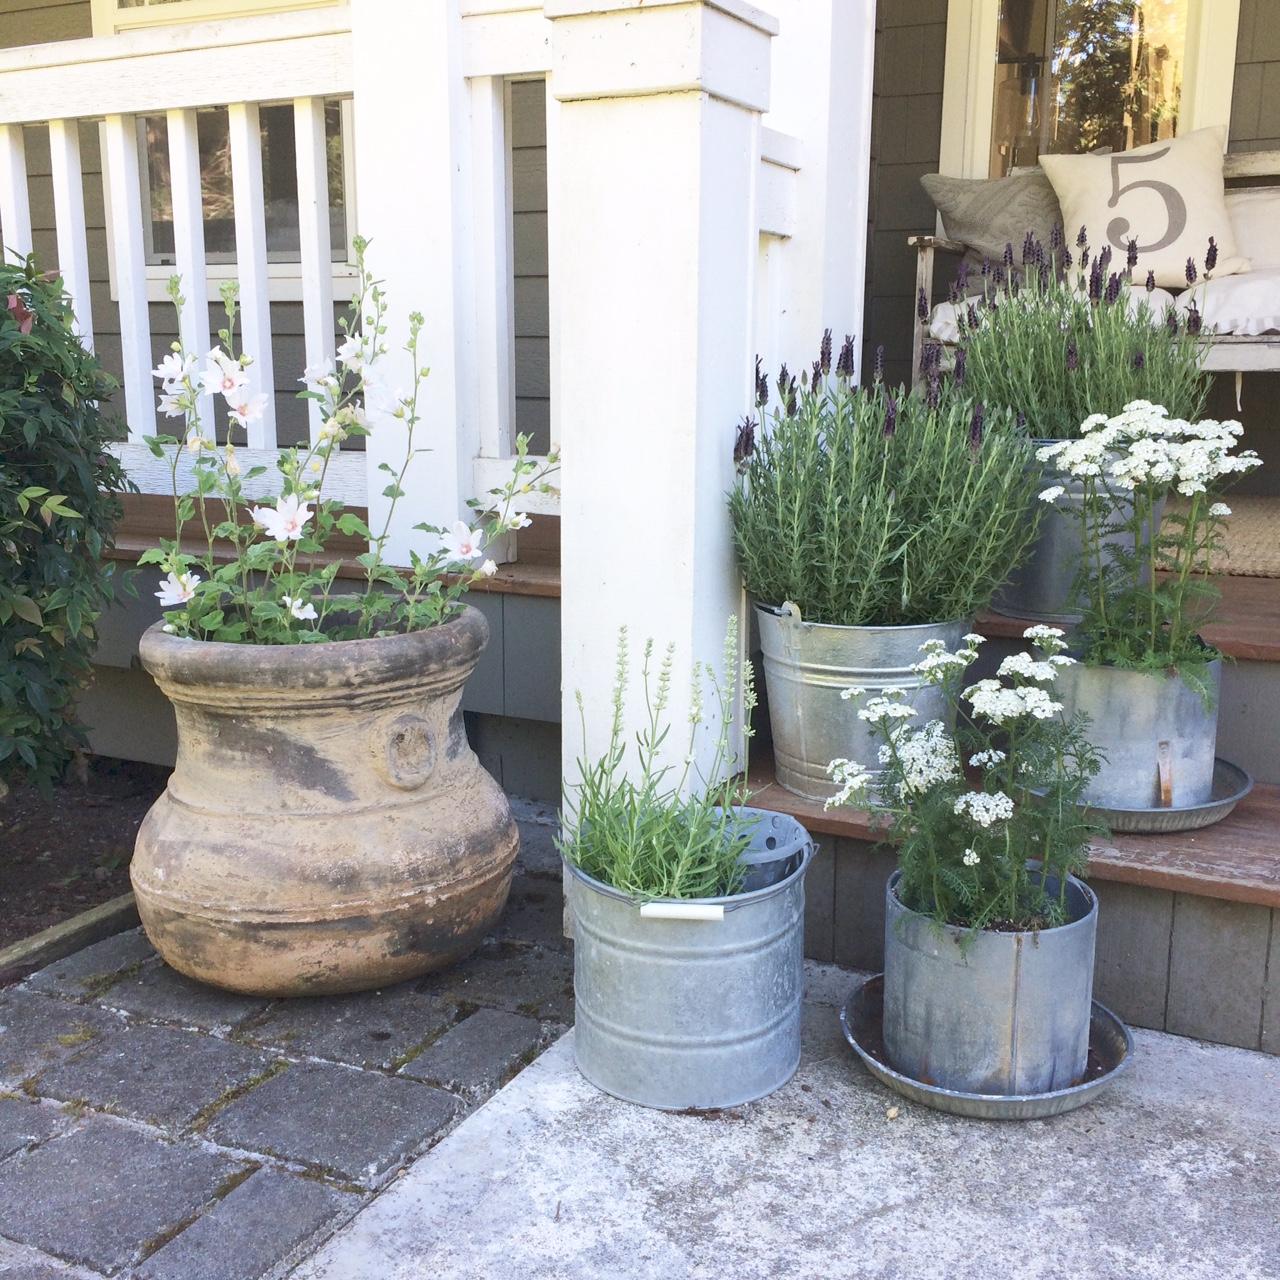 Little Farmstead: A Galvanized Grouping {Farmhouse Porch ... on Farmhouse Yard Ideas id=14170